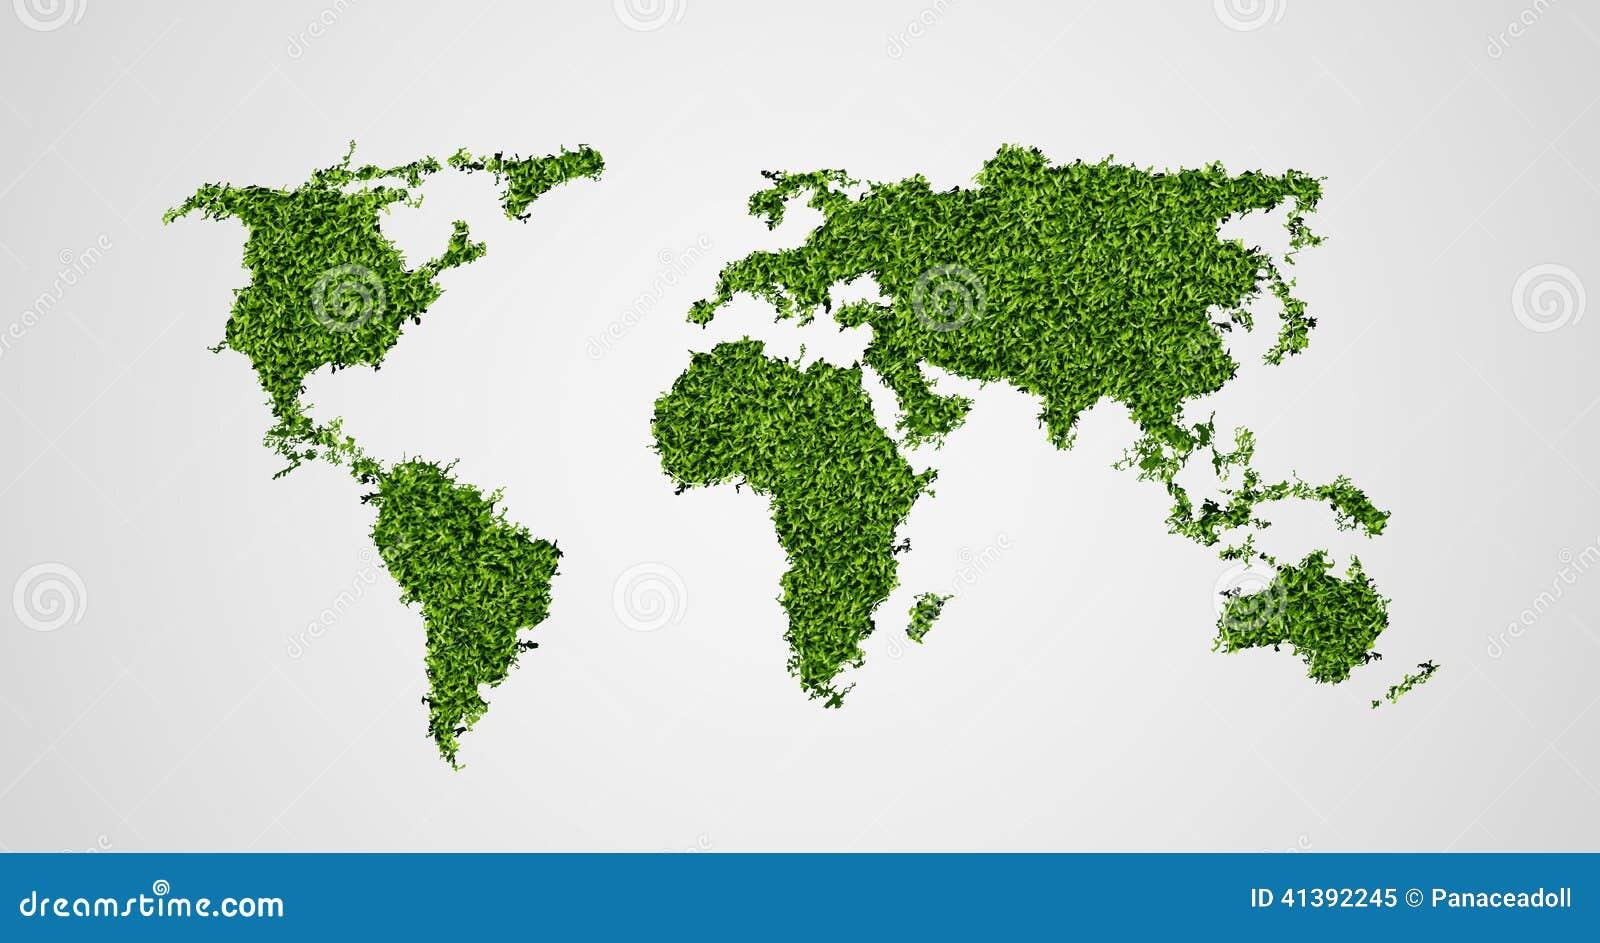 Concetto ecologico della mappa di mondo verde for Il verde mondo